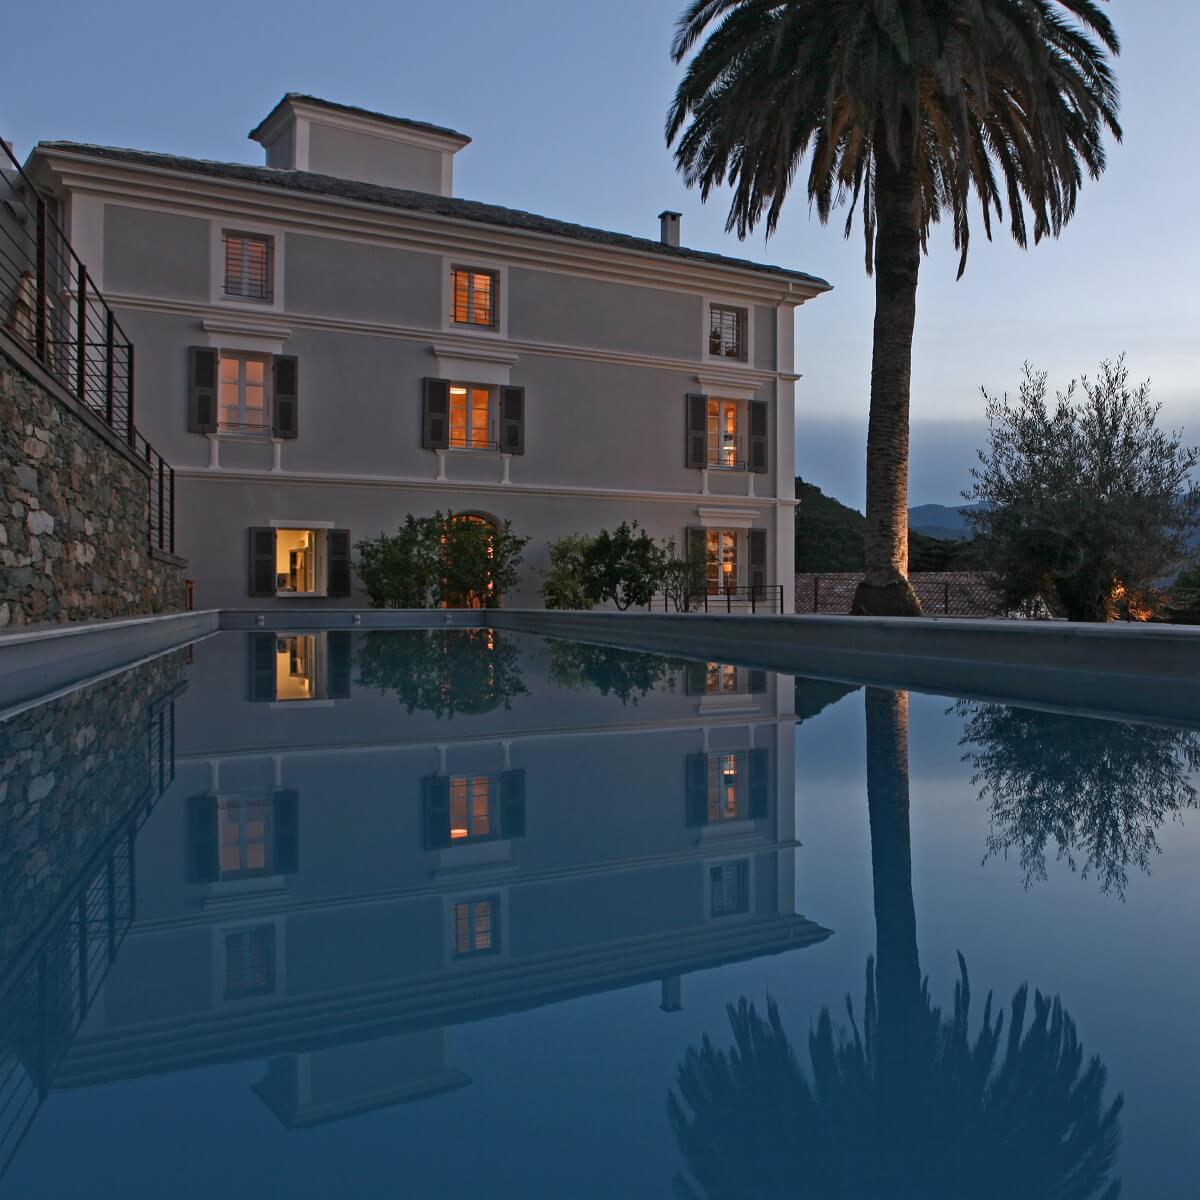 Facade et piscine - Hôtel U Palazzu Serenu - Oletta - Haute-Corse